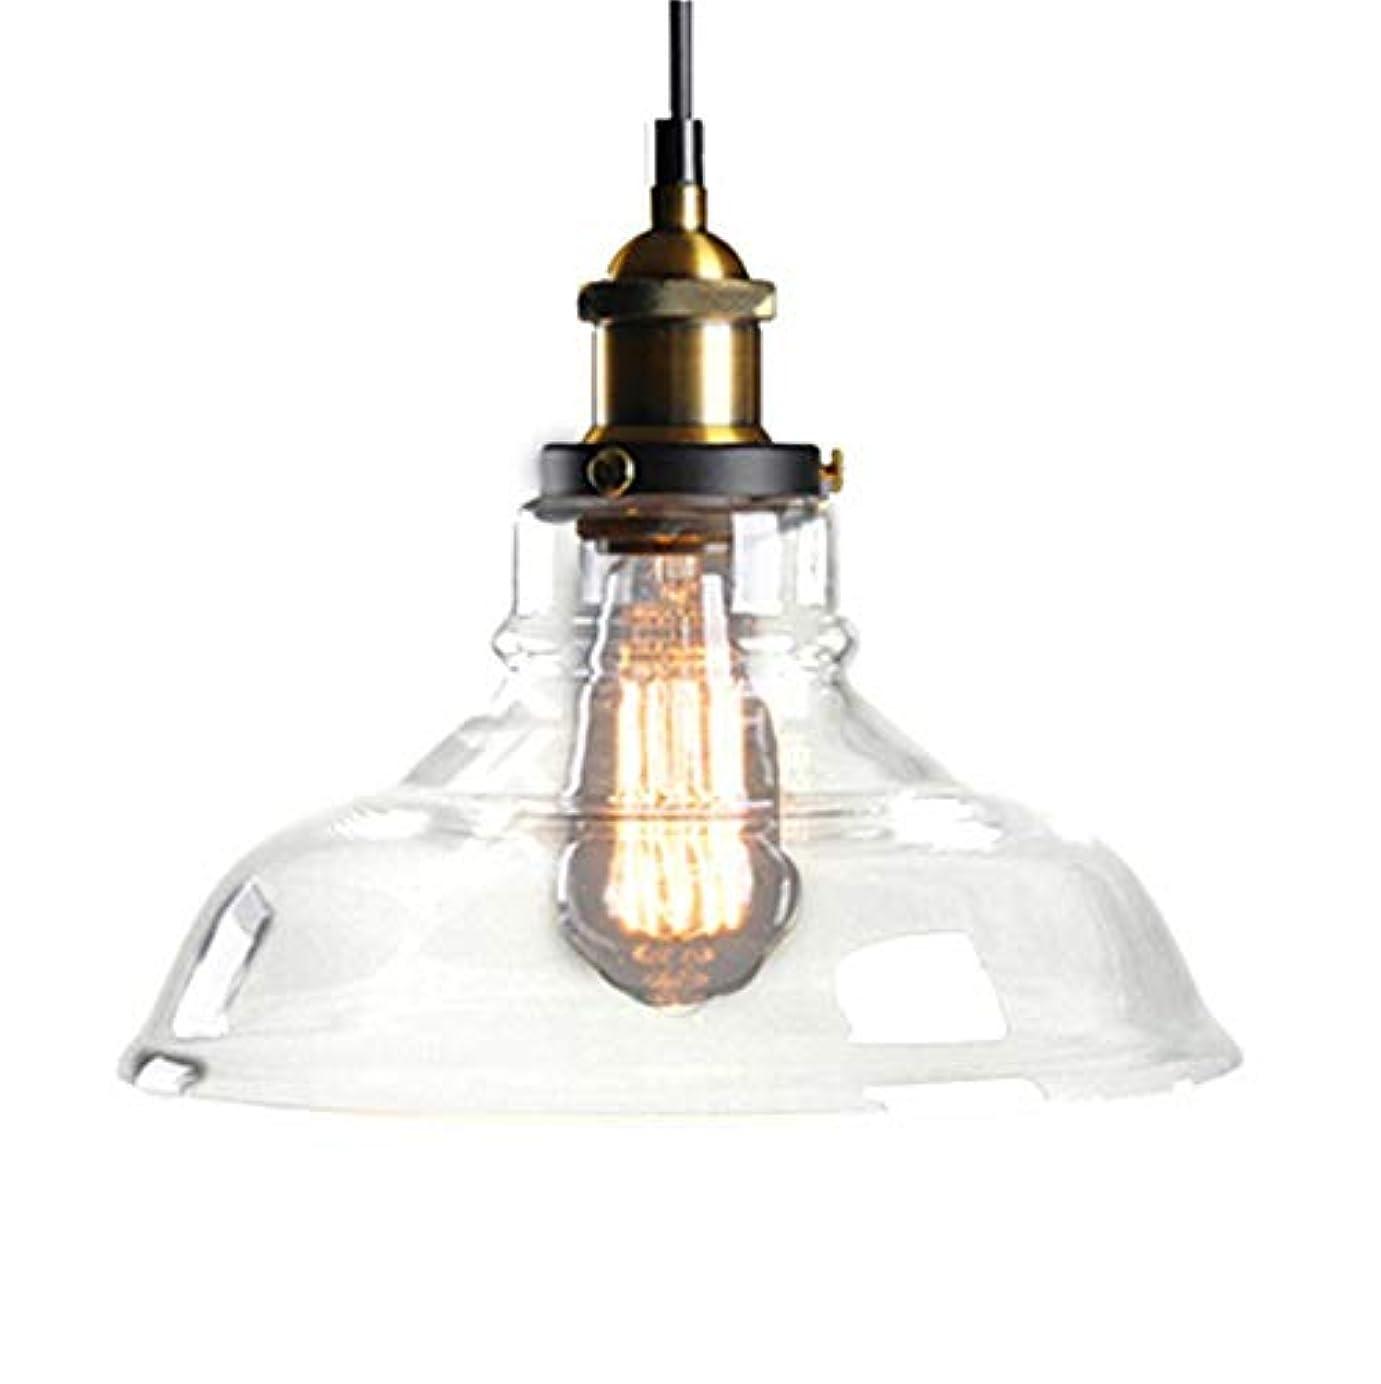 急性シェルター形容詞北ヨーロッパおよびアメリカ様式の農村産業風の創造的な単一のヘッドガラスランプシェード